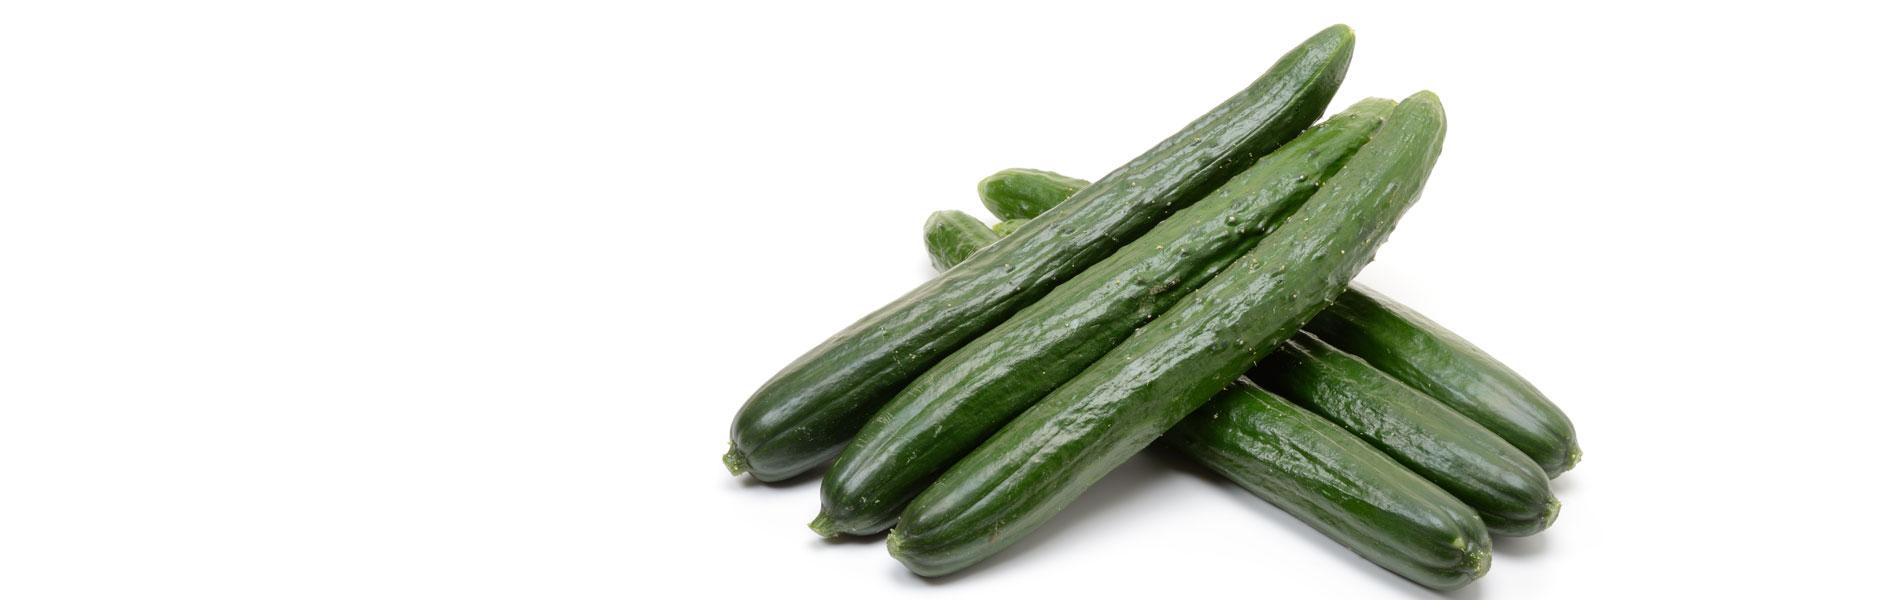 業務用野菜卸の丸川青果